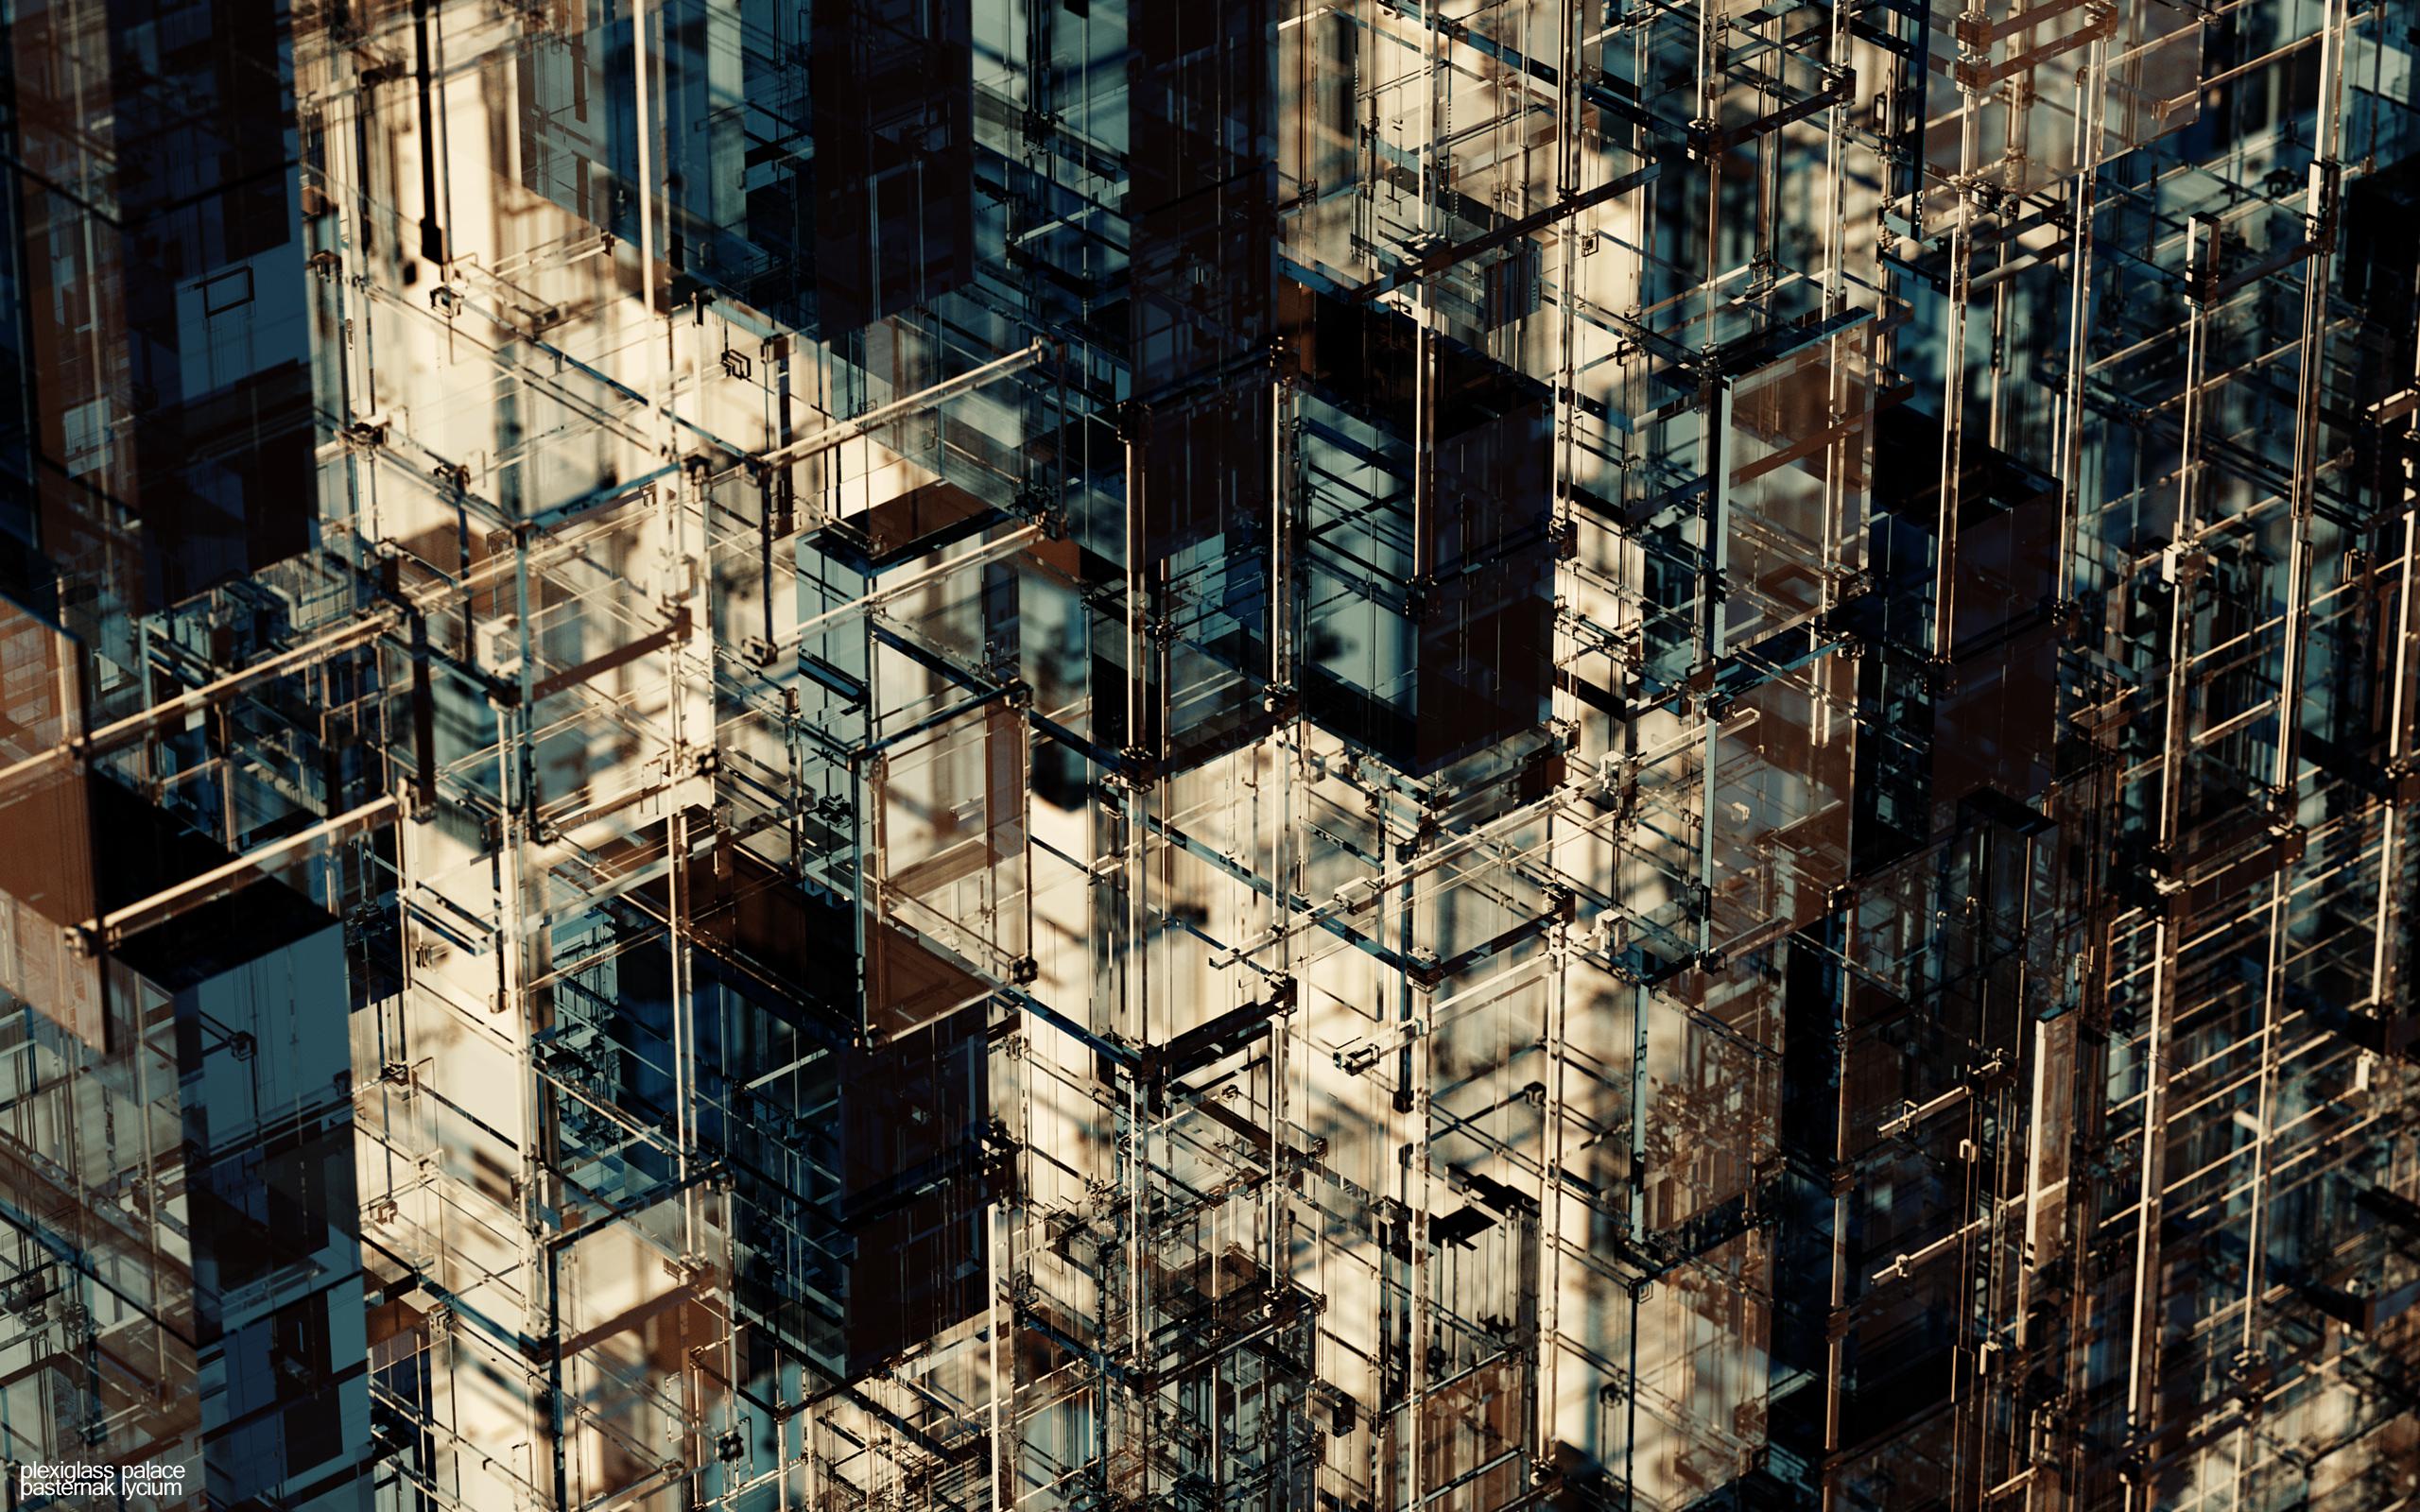 plexiglass palace by lyc